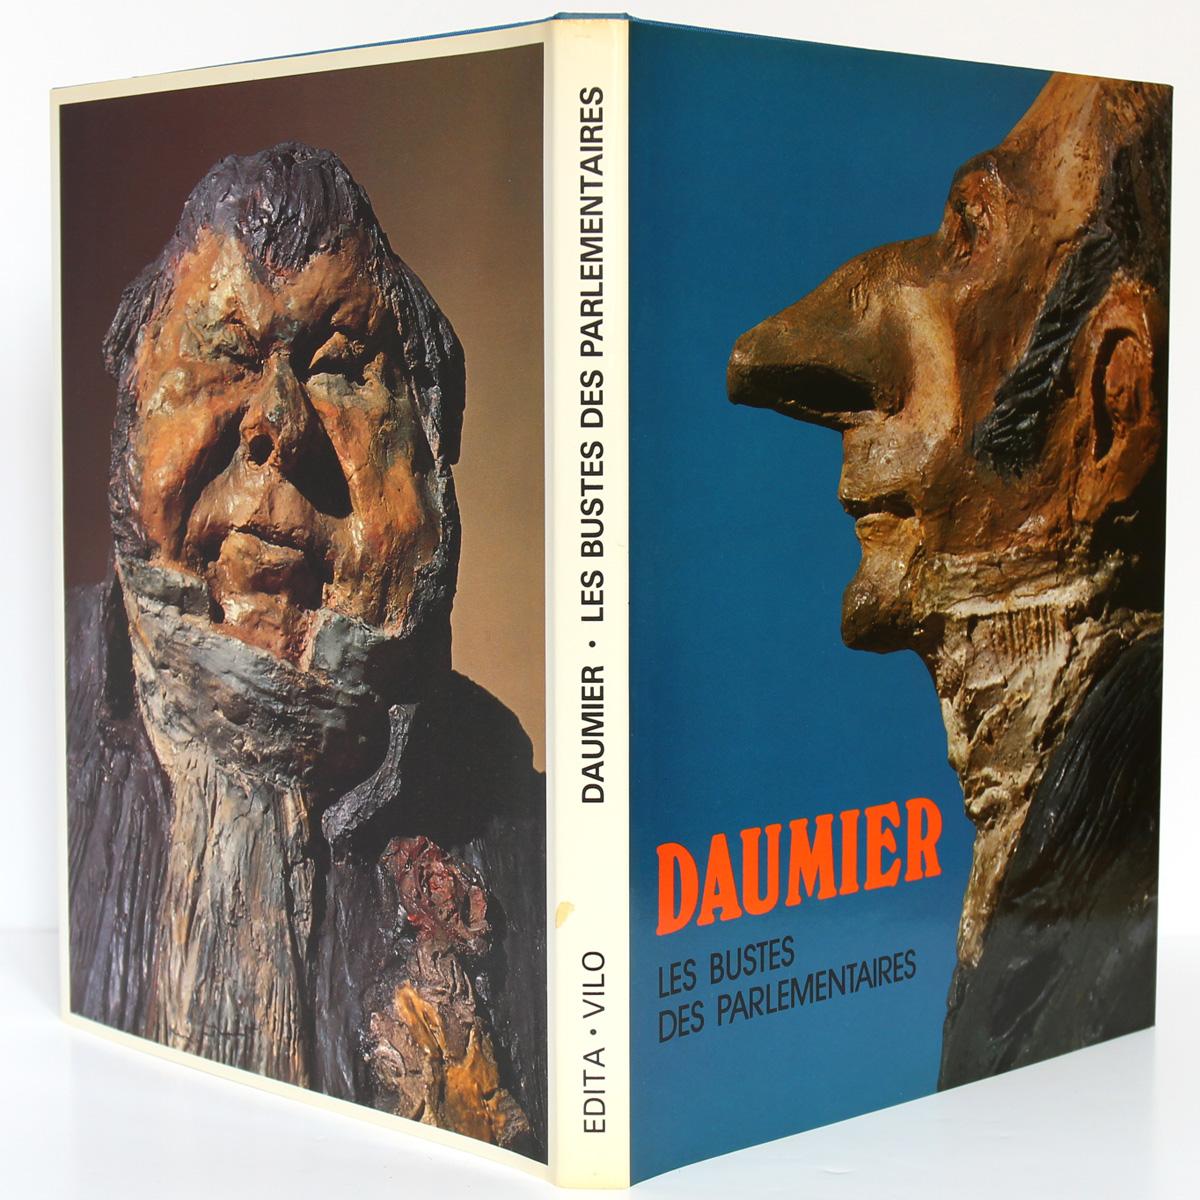 Daumier Les bustes des parlementaires. Edita-Vilo 1980. Couvertures.